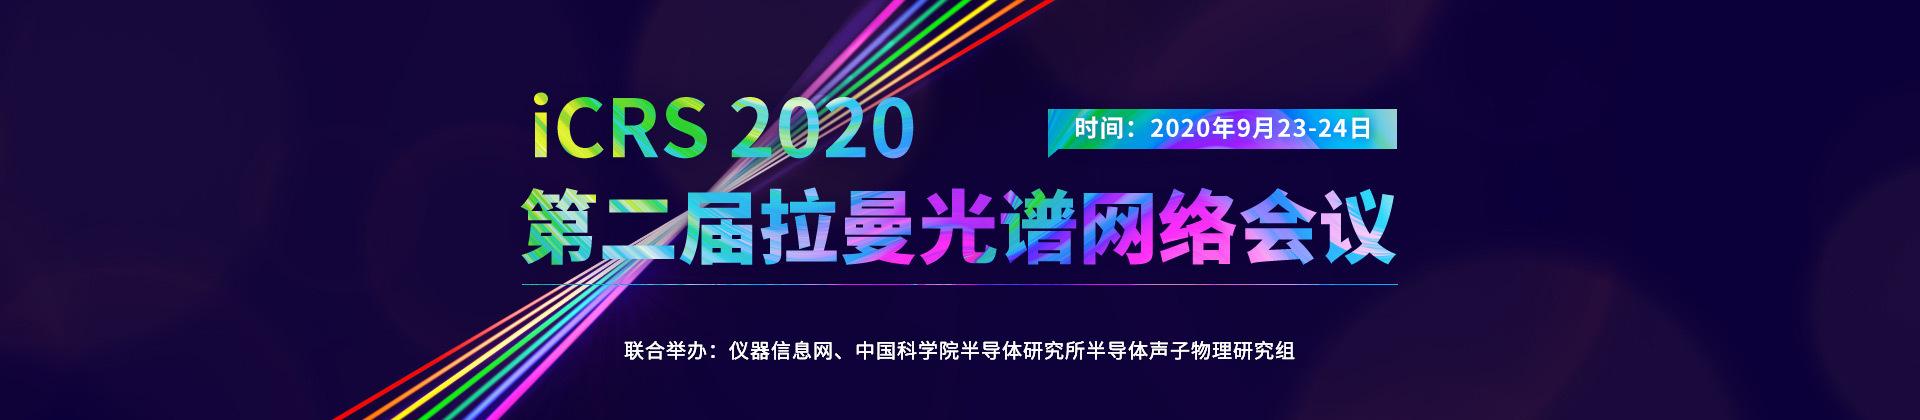 2020-09-23 08:30 第二届拉曼光谱网络会议(iCRS2020)